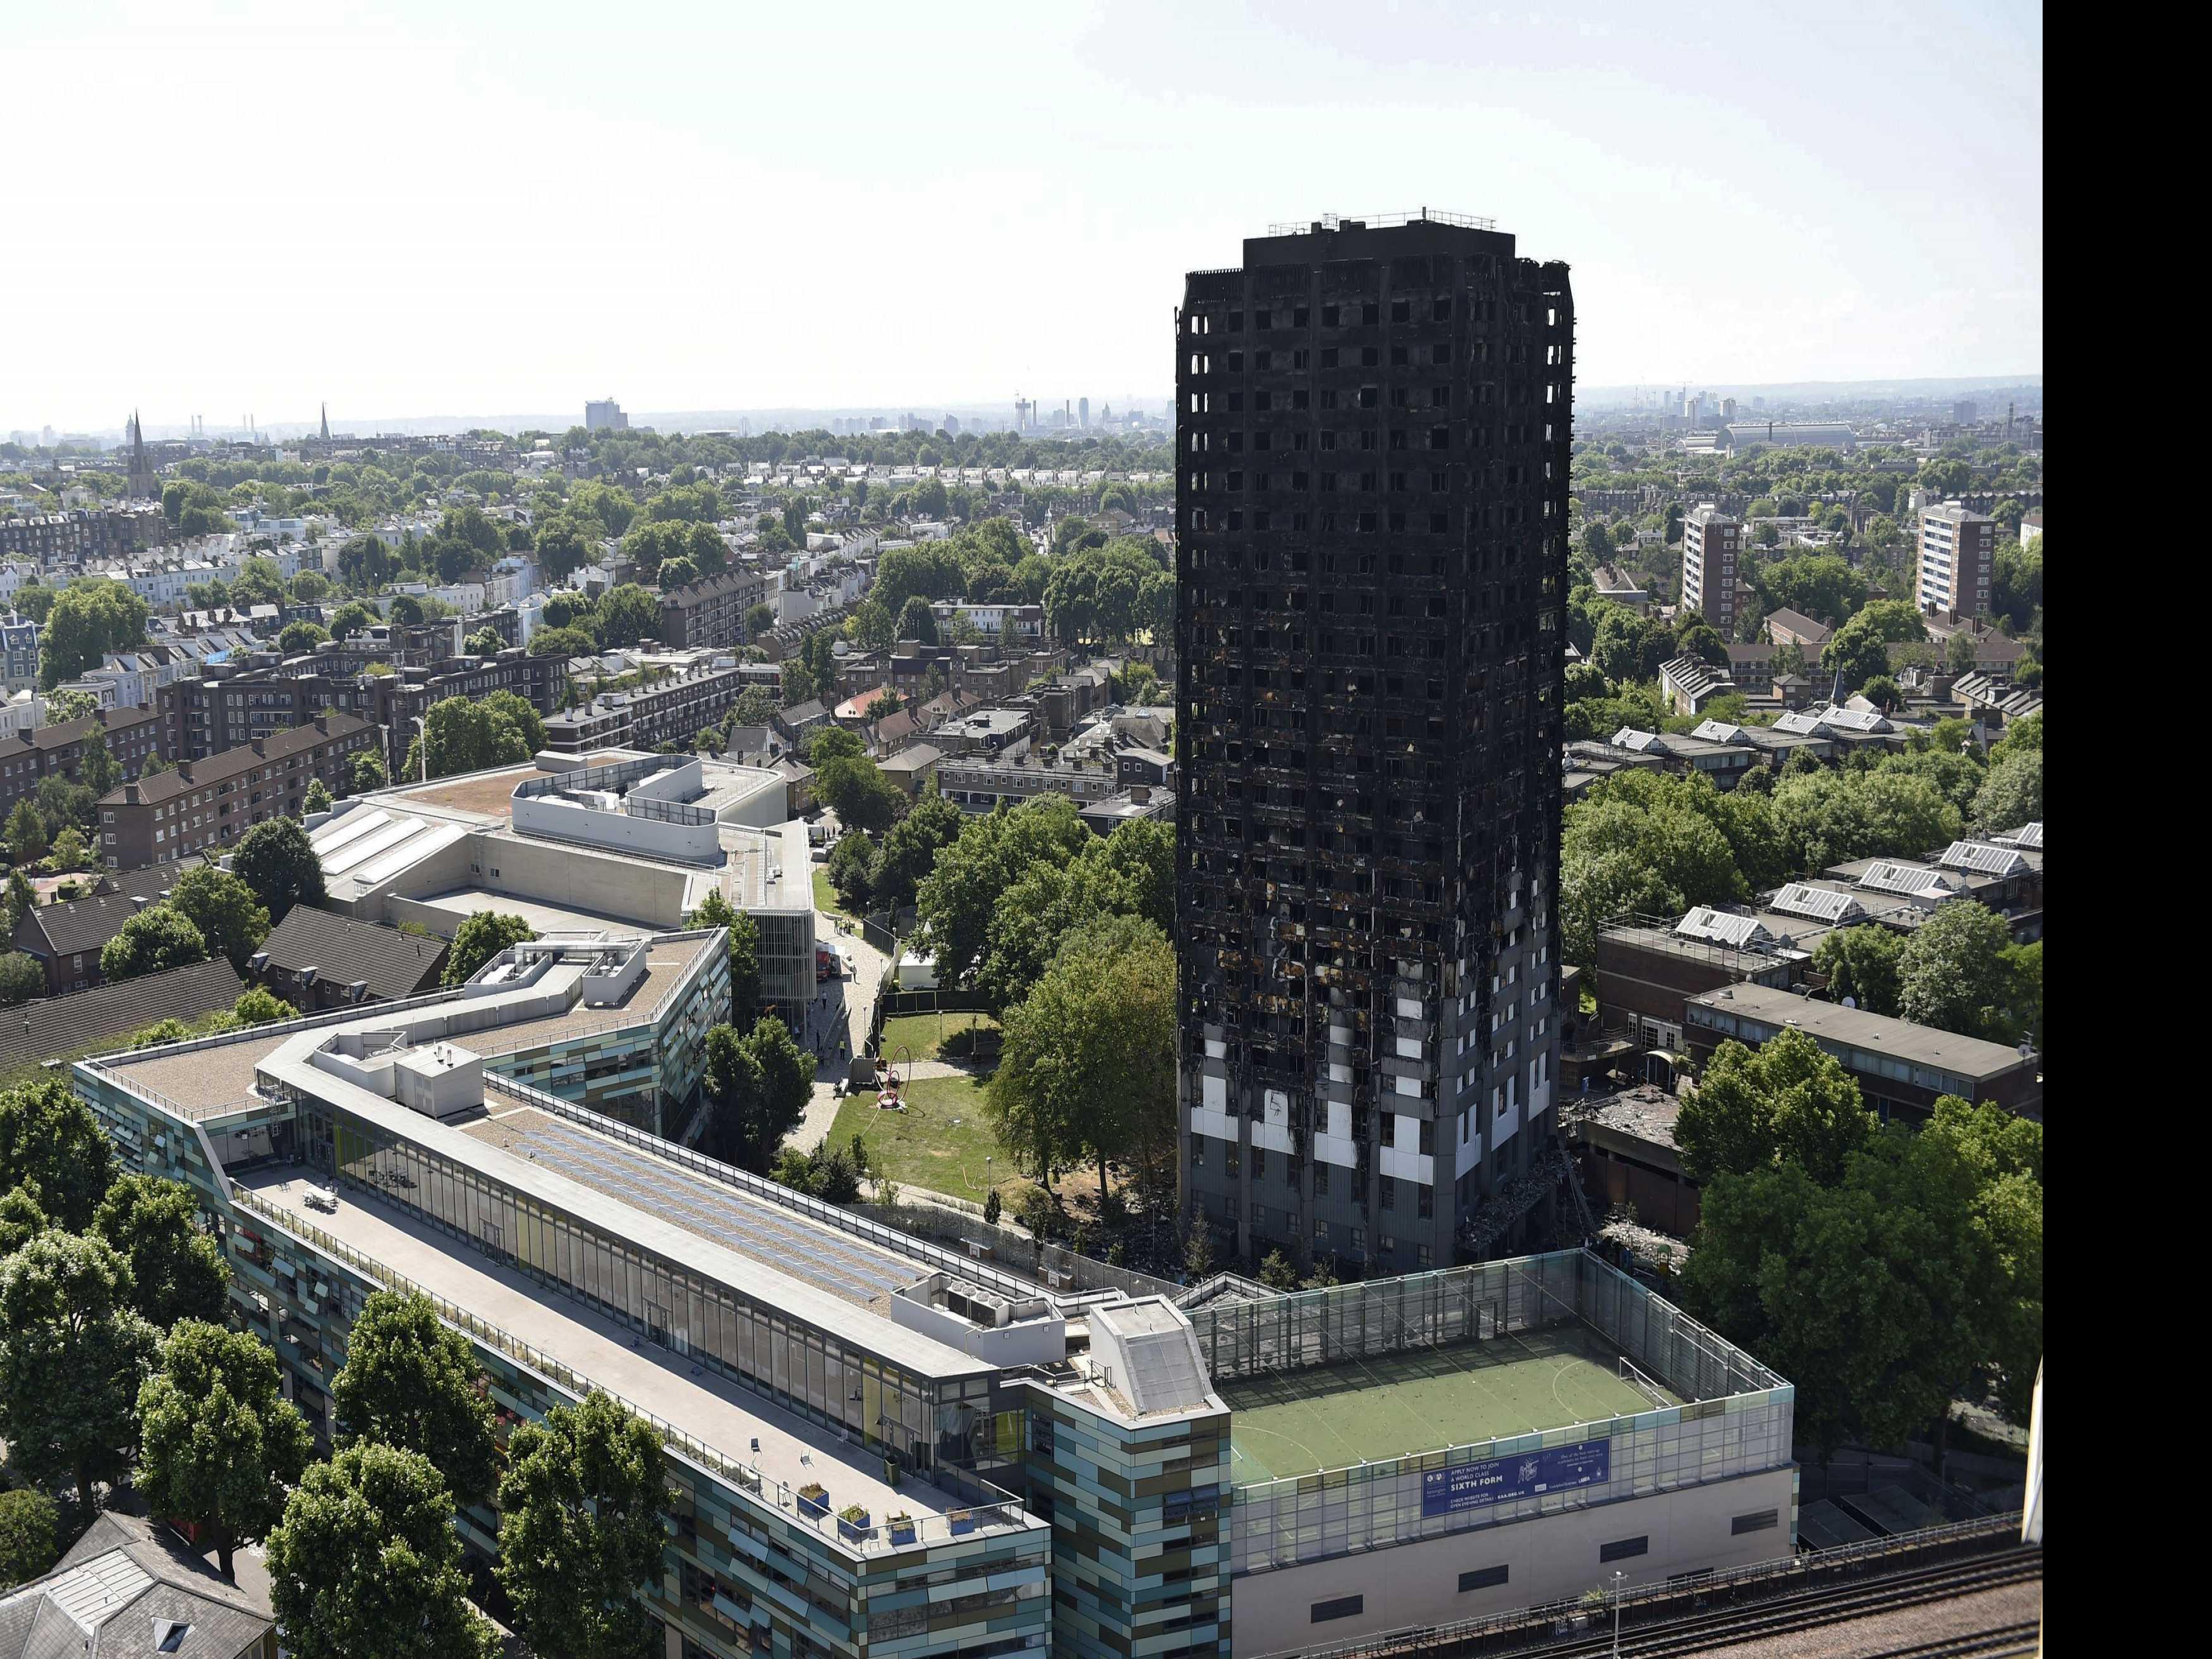 UK Police: 58 Confirmed or Presumed Dead After London Blaze